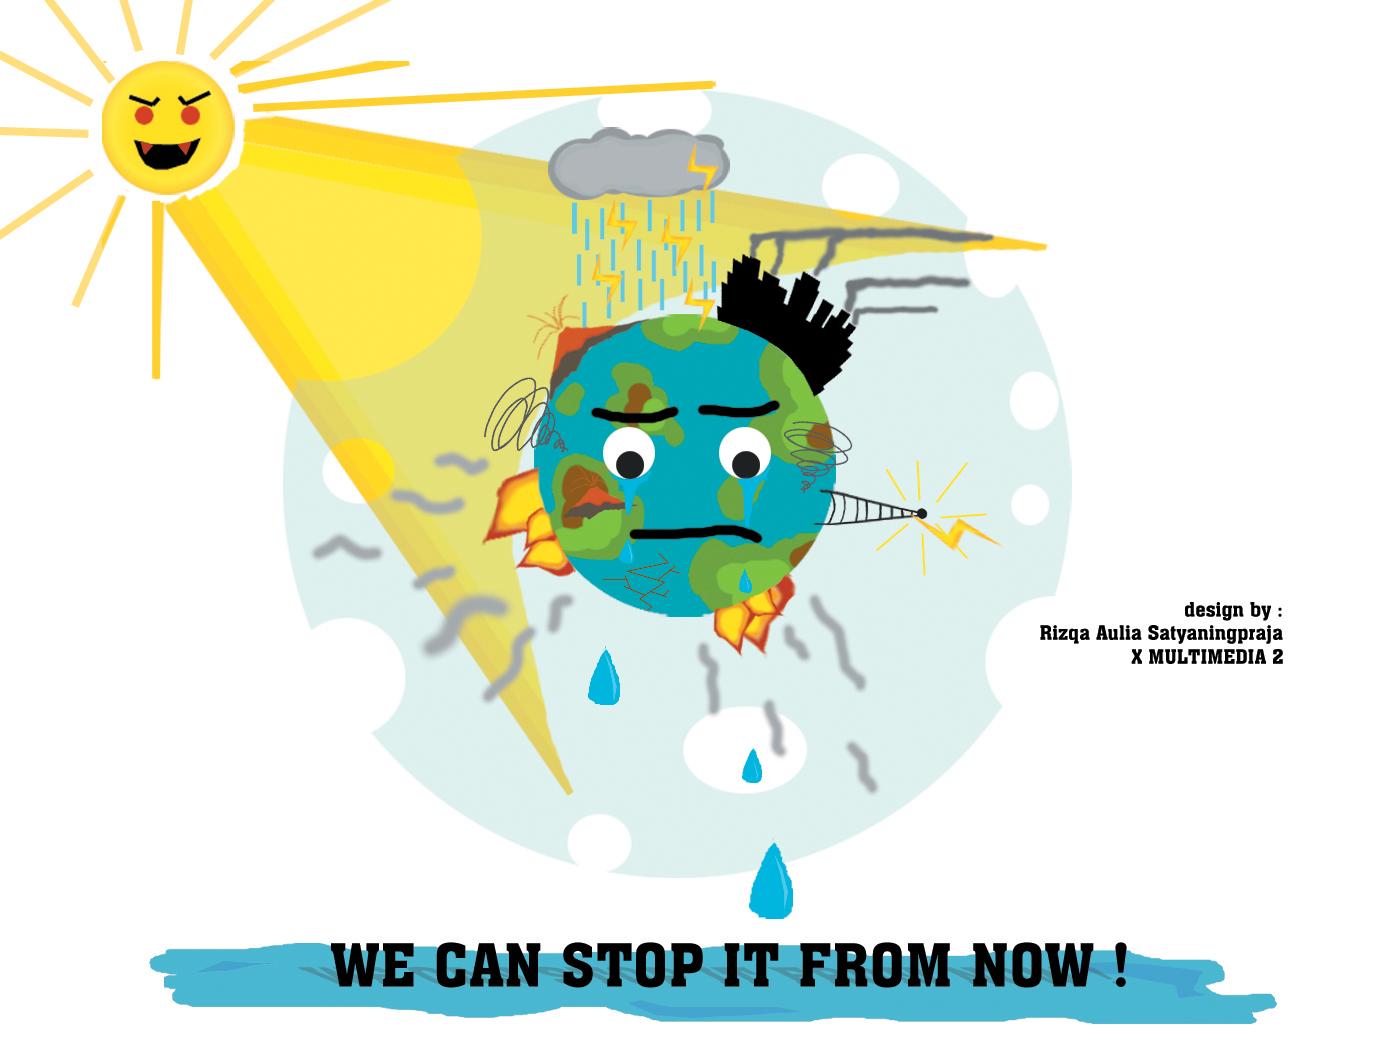 Contoh Karangan Deskripsi Bertema Lingkungan Hidup Icefilmsinfo Globolister Contoh Karangan Bahasa Inggris Tentang Lingkungan Hidup Forum